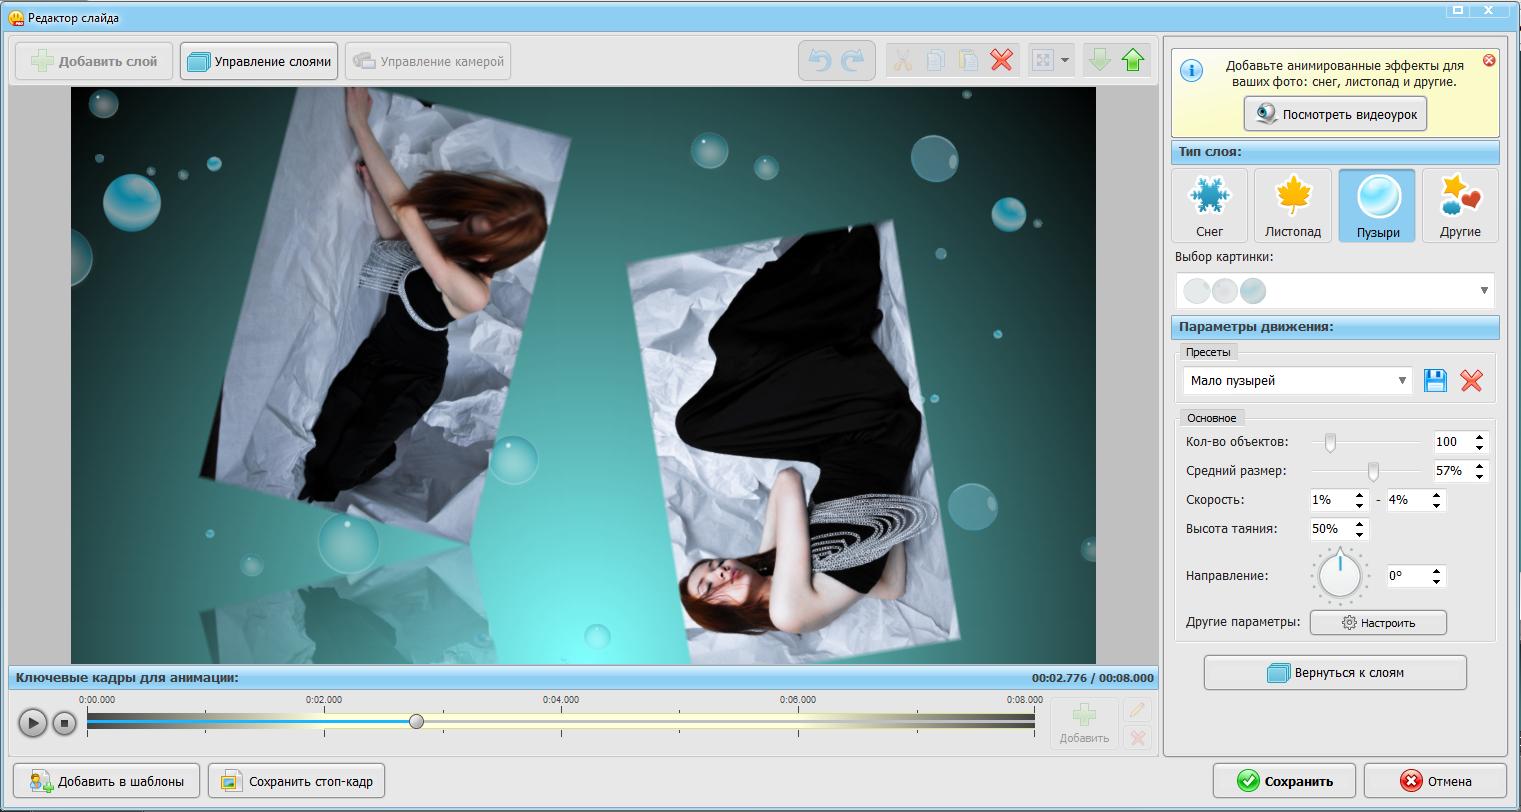 Как сделать кадры для анимации